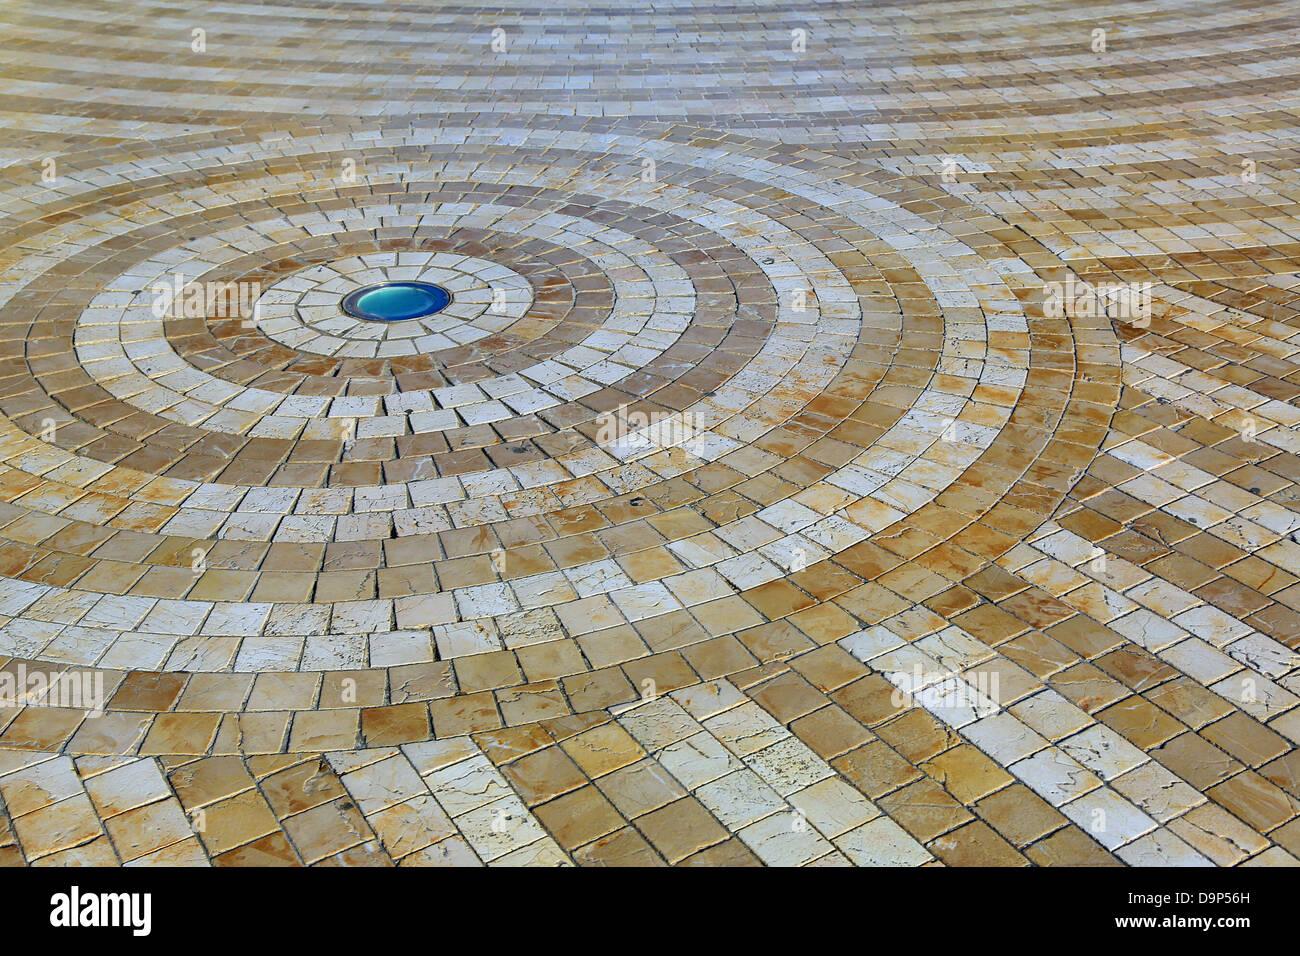 Spiral design floor tiles in Glories, Barcelona, Spain - Stock Image